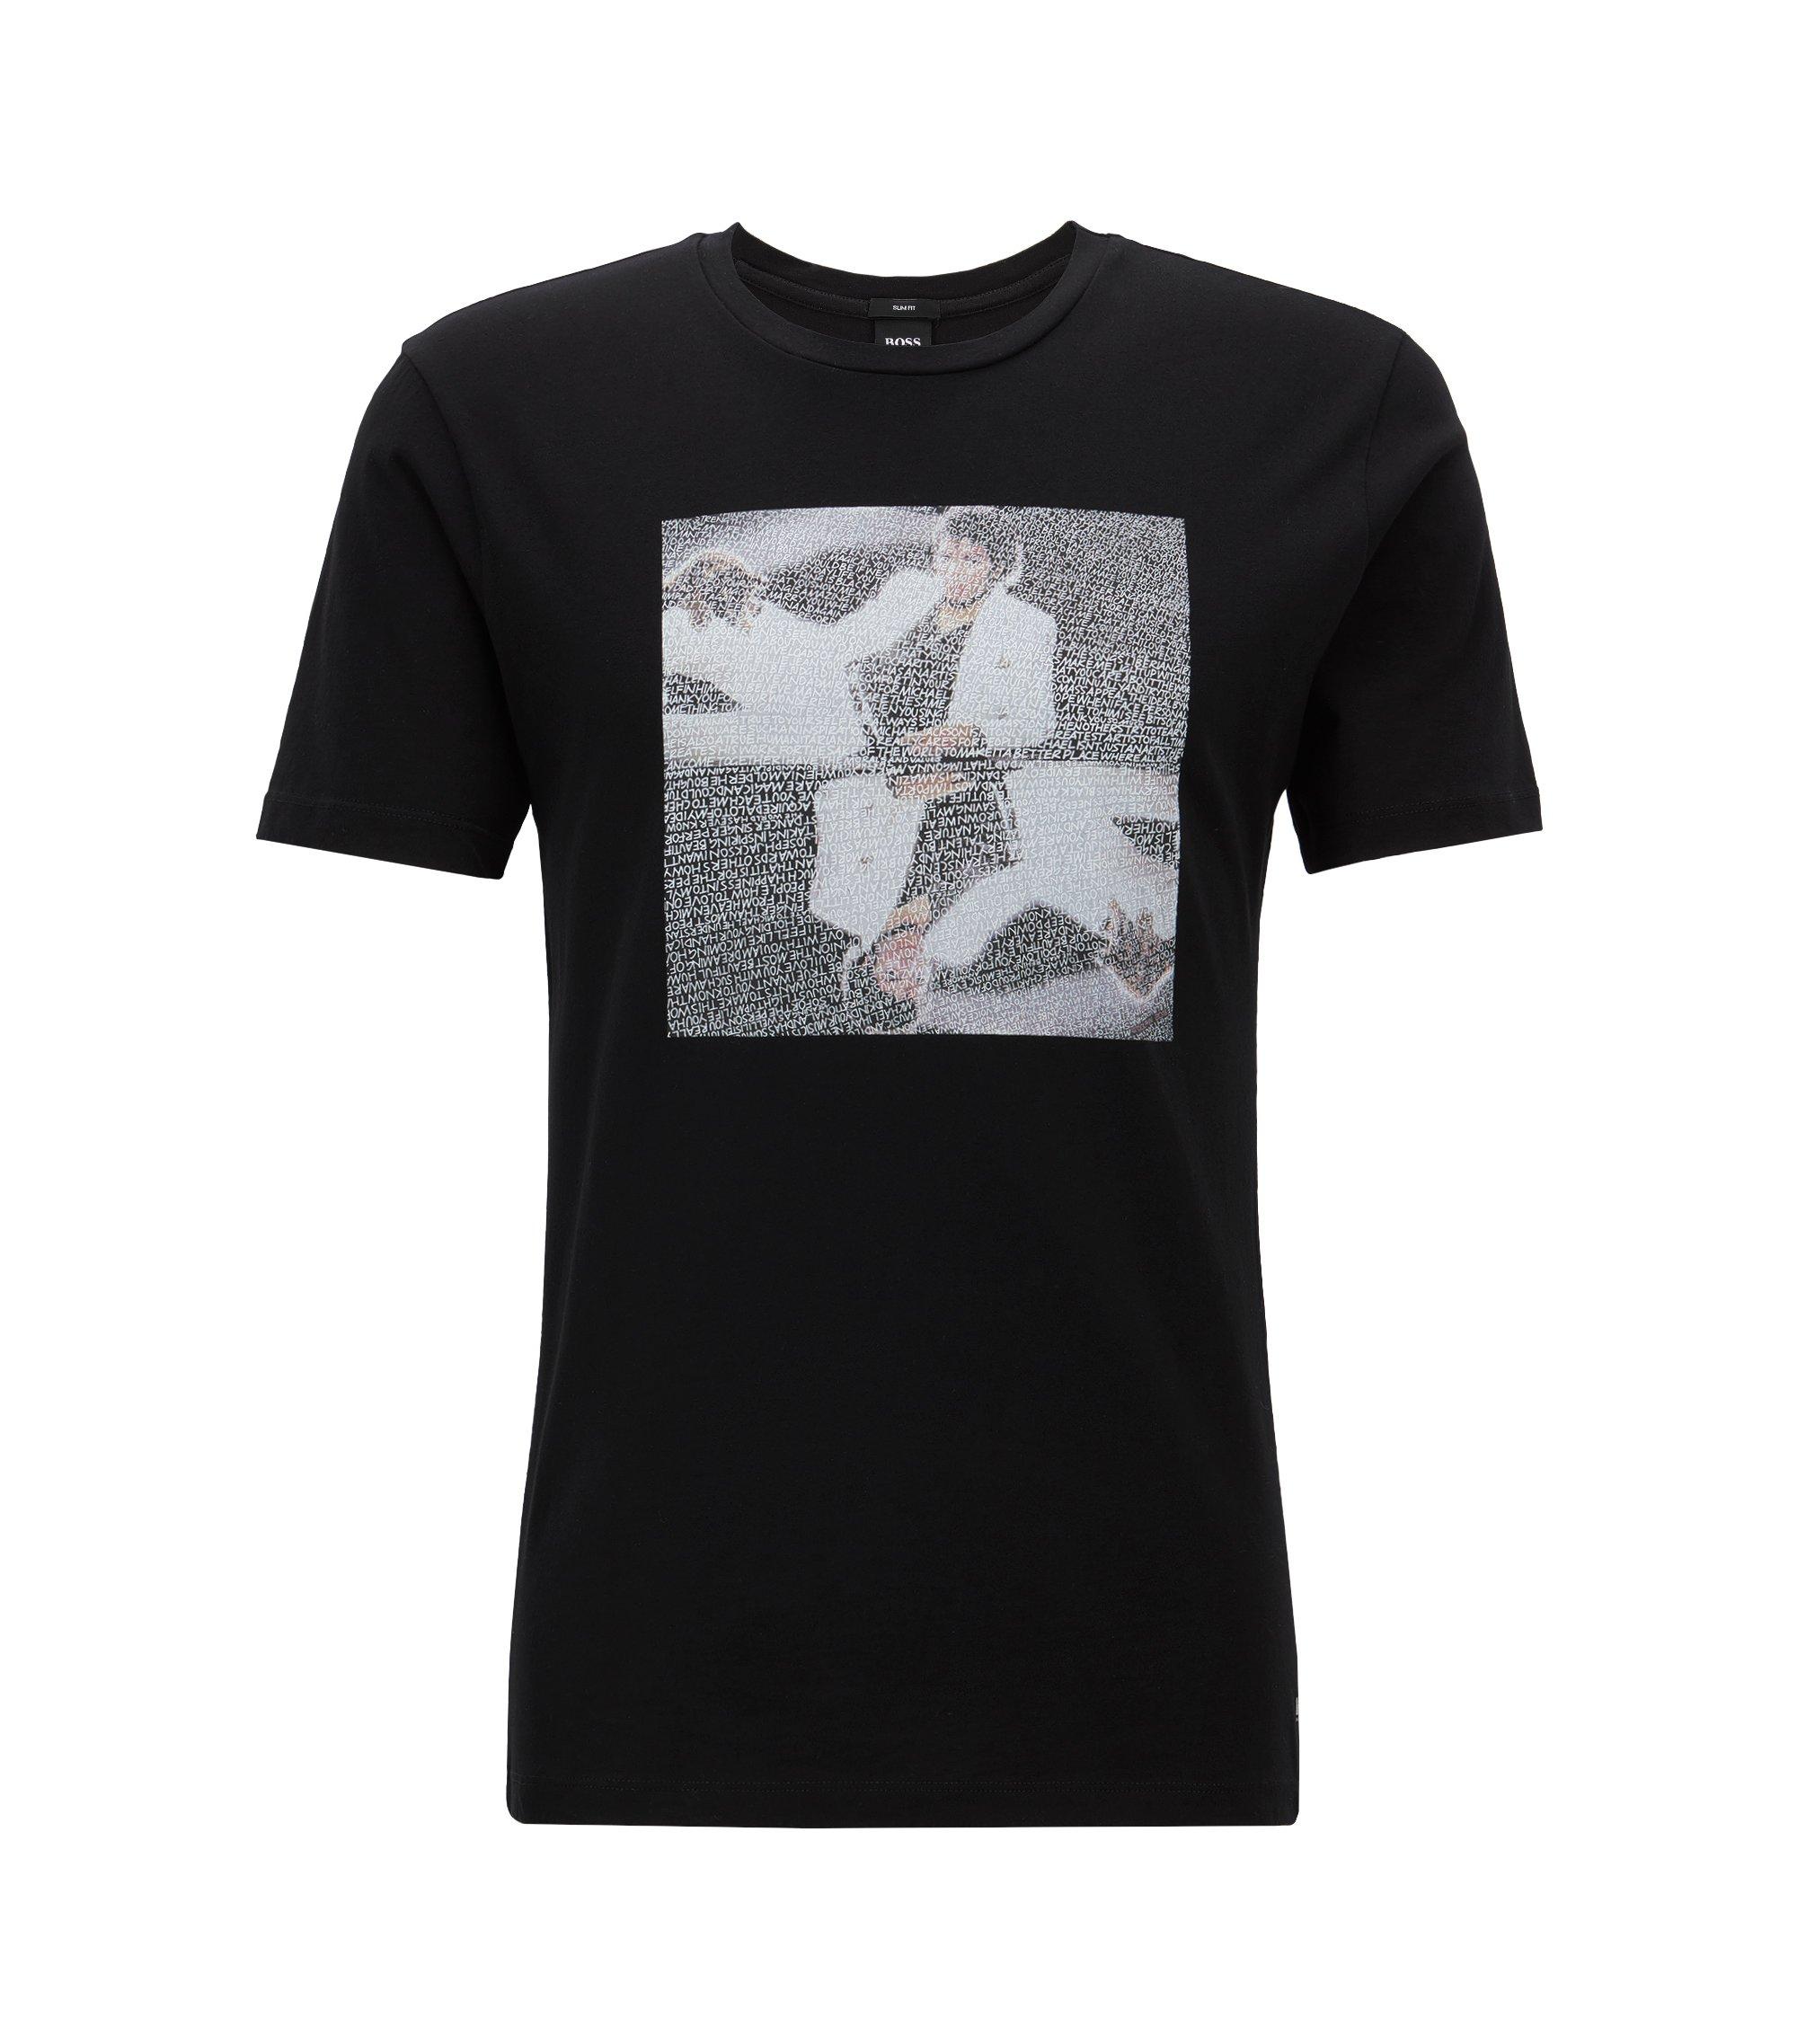 T-shirt unisex in cotone con stampa artistica di Michael Jackson, Nero